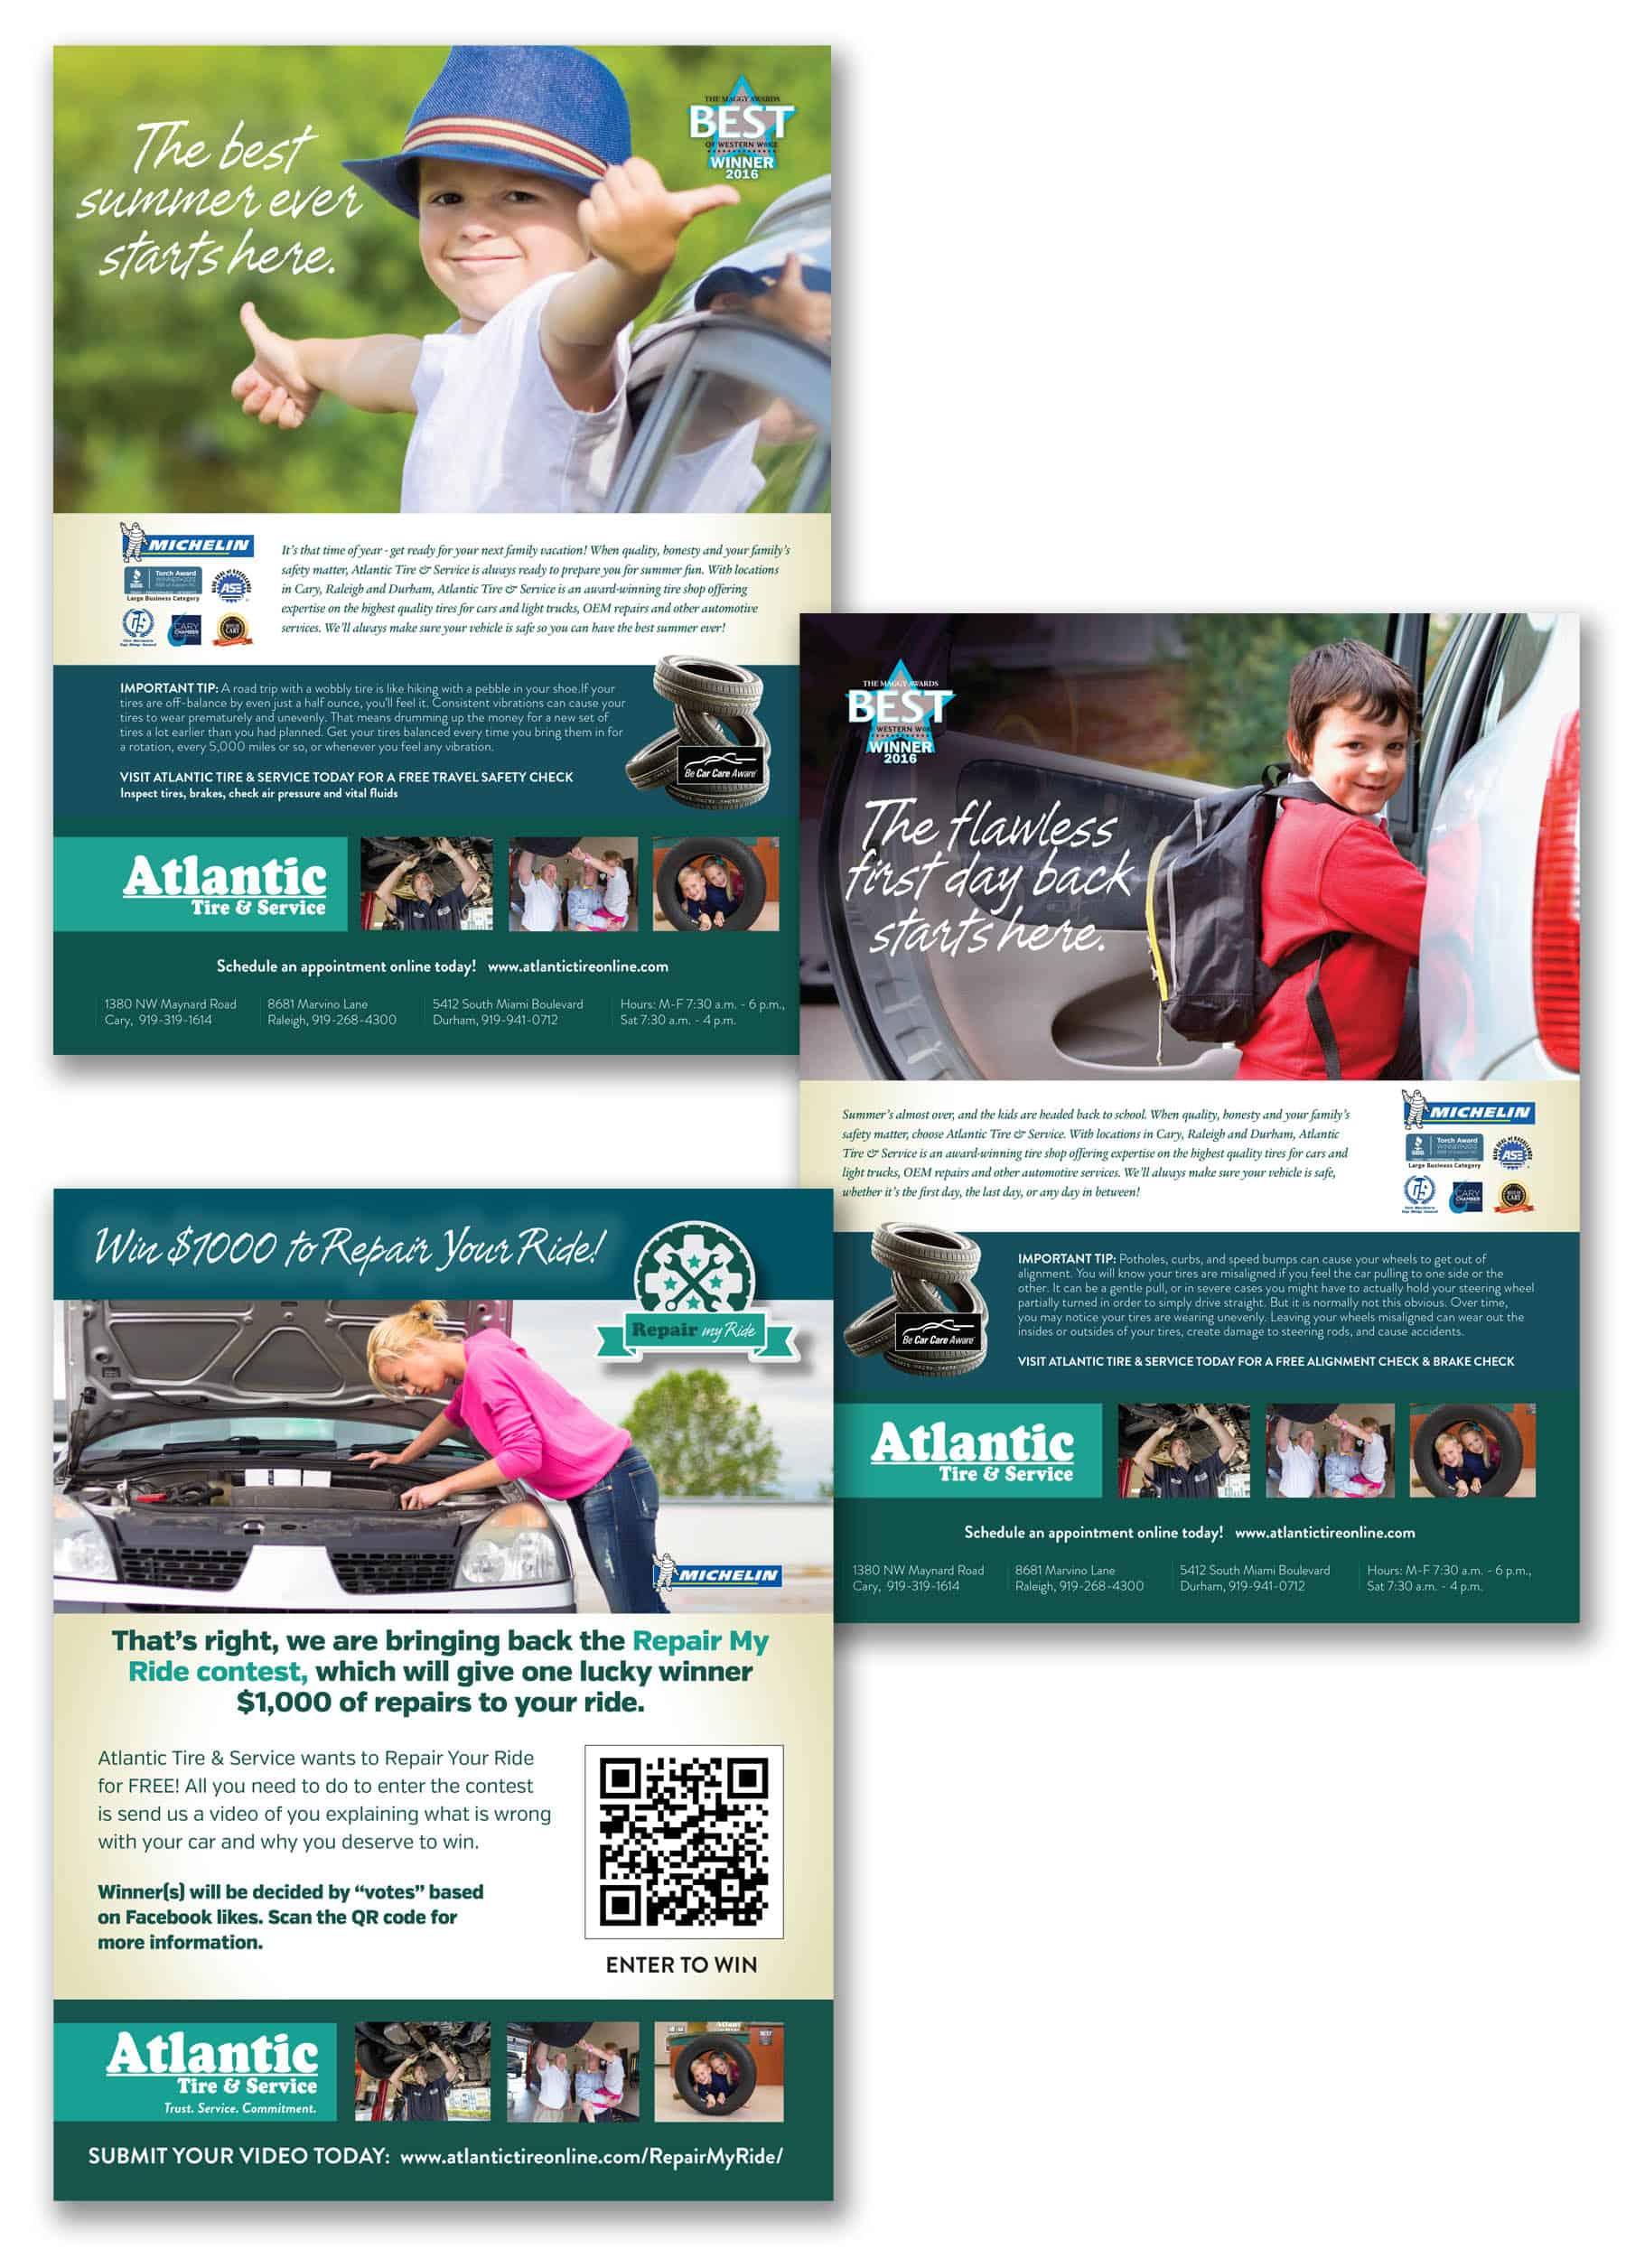 Atlantic Tire & Services Ad Campaign